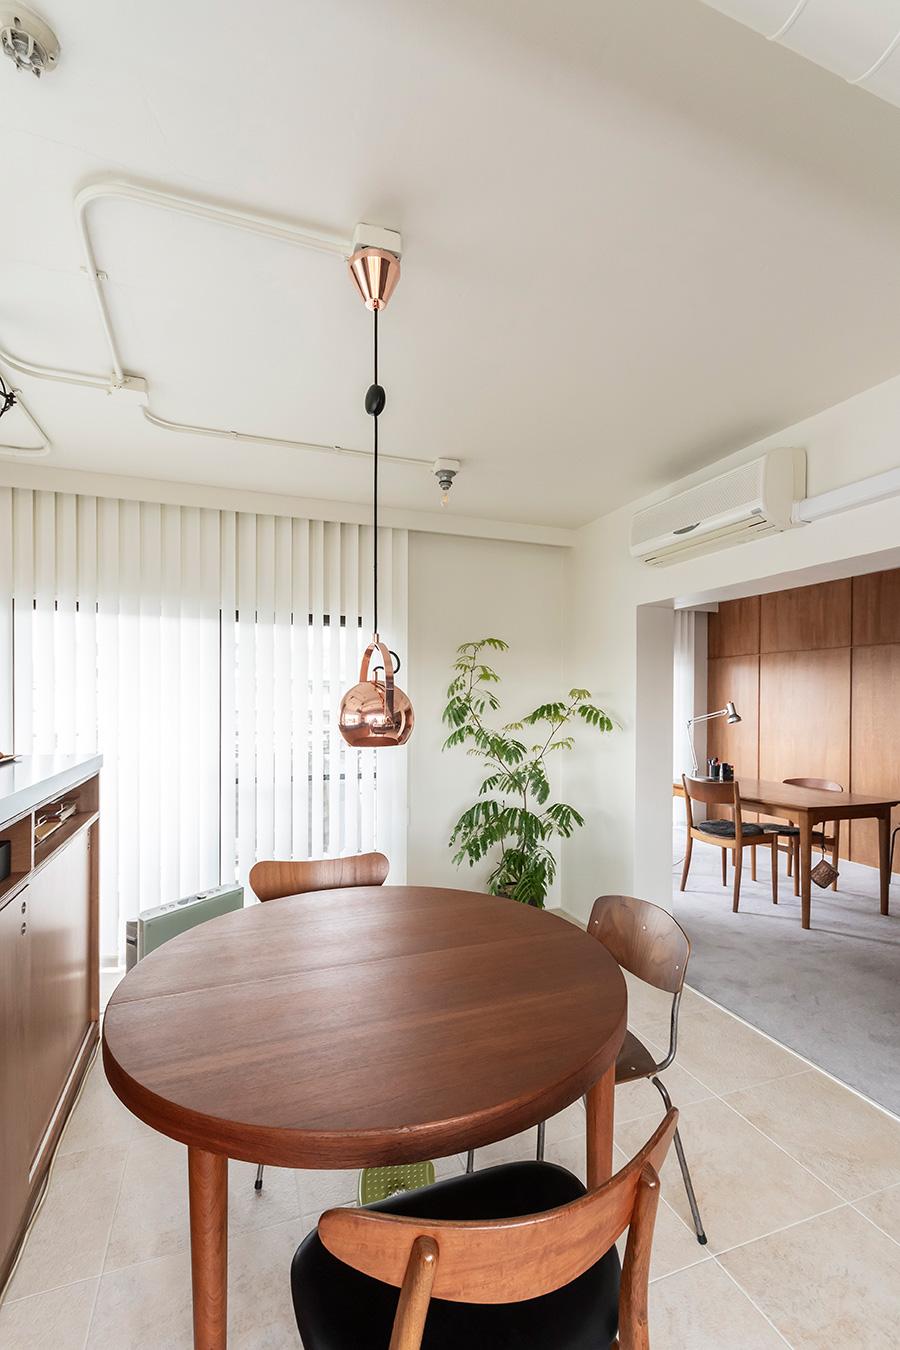 デンマーク家具の専門店「haluta」で買った丸テーブル。